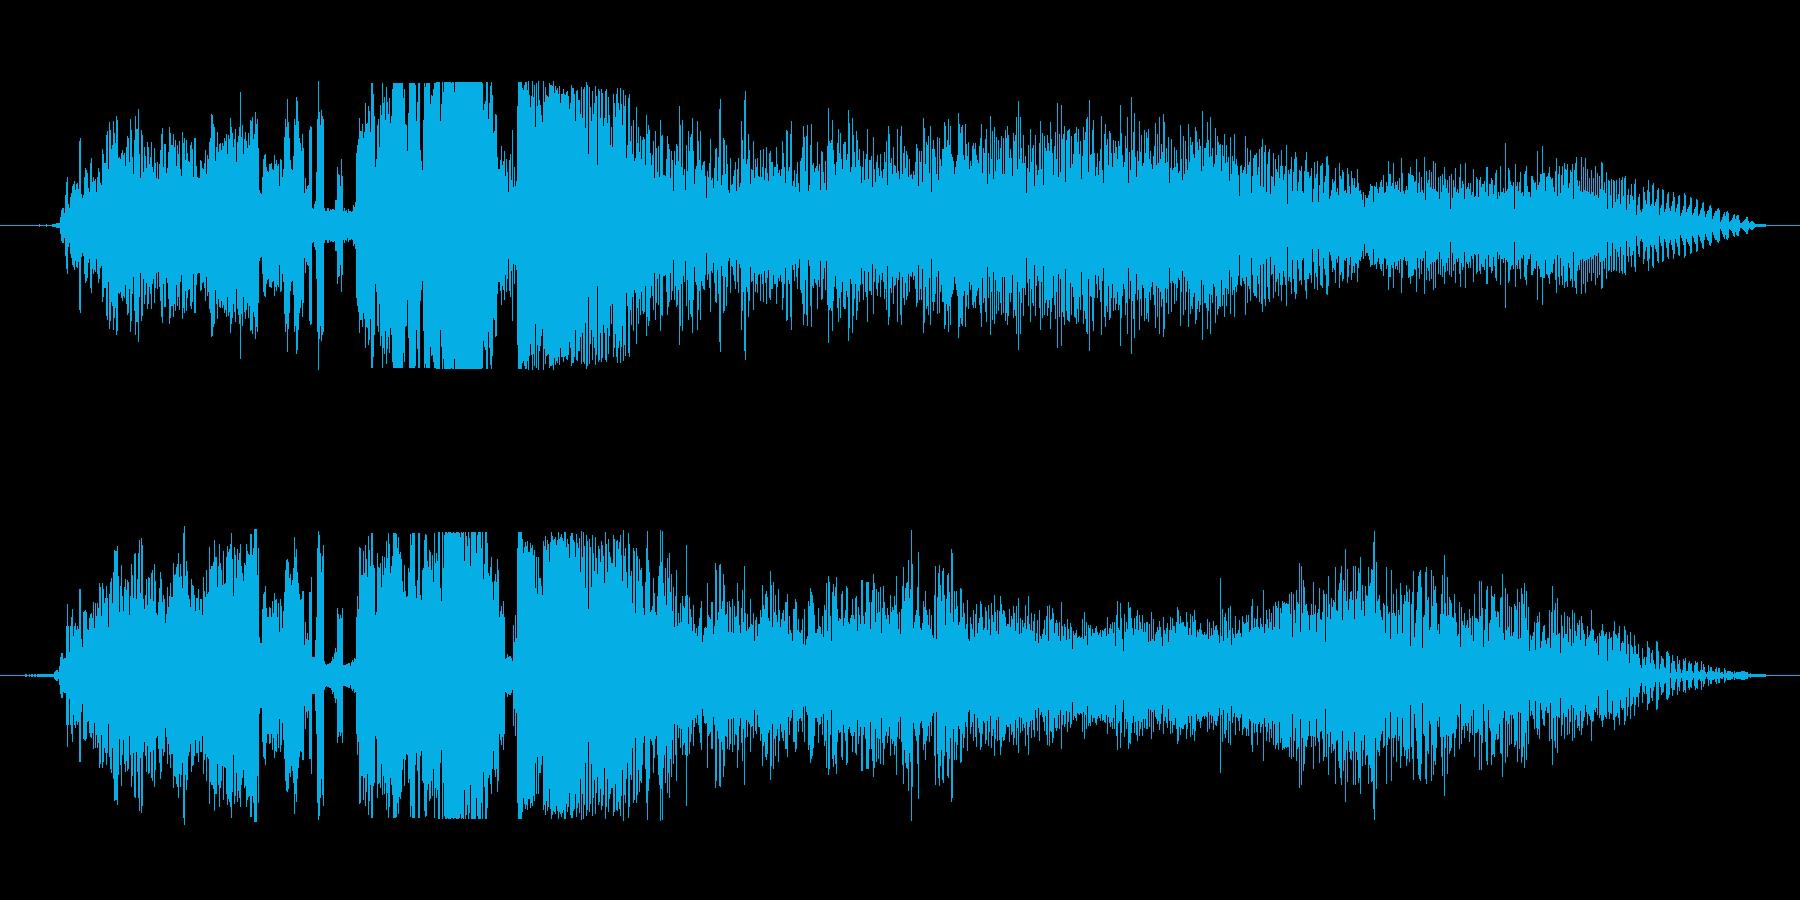 ラジオジングルFM風の再生済みの波形